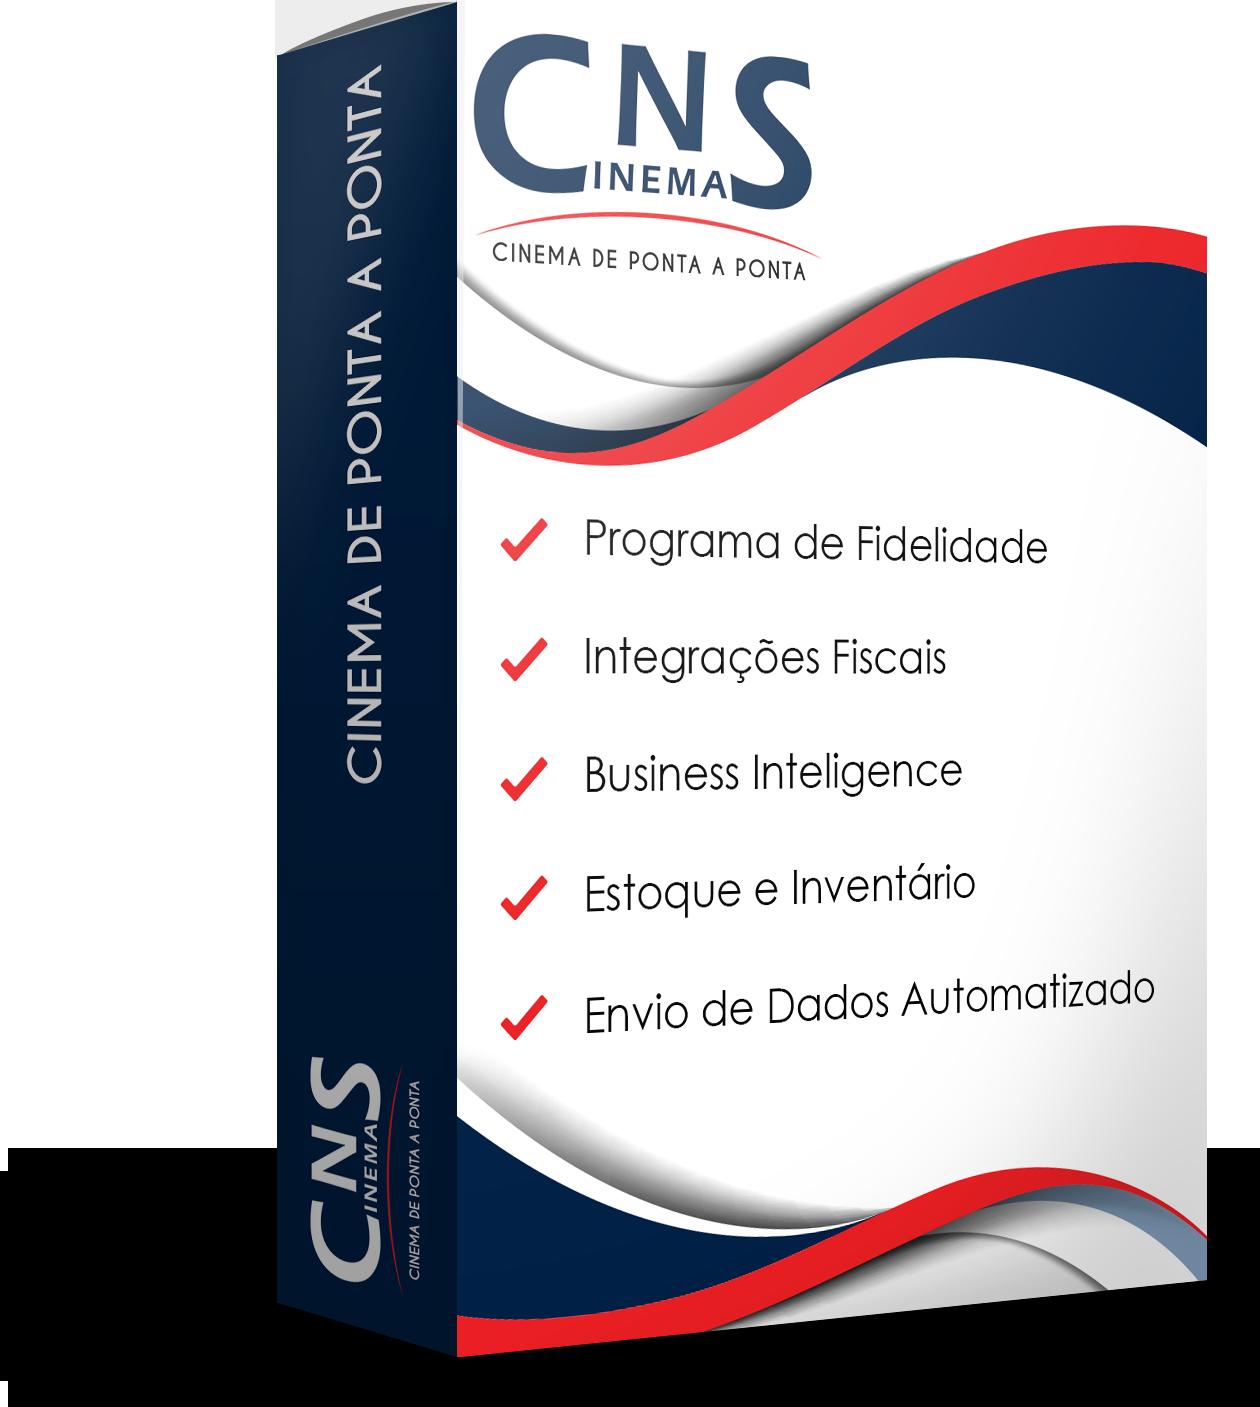 CNS Cinemas